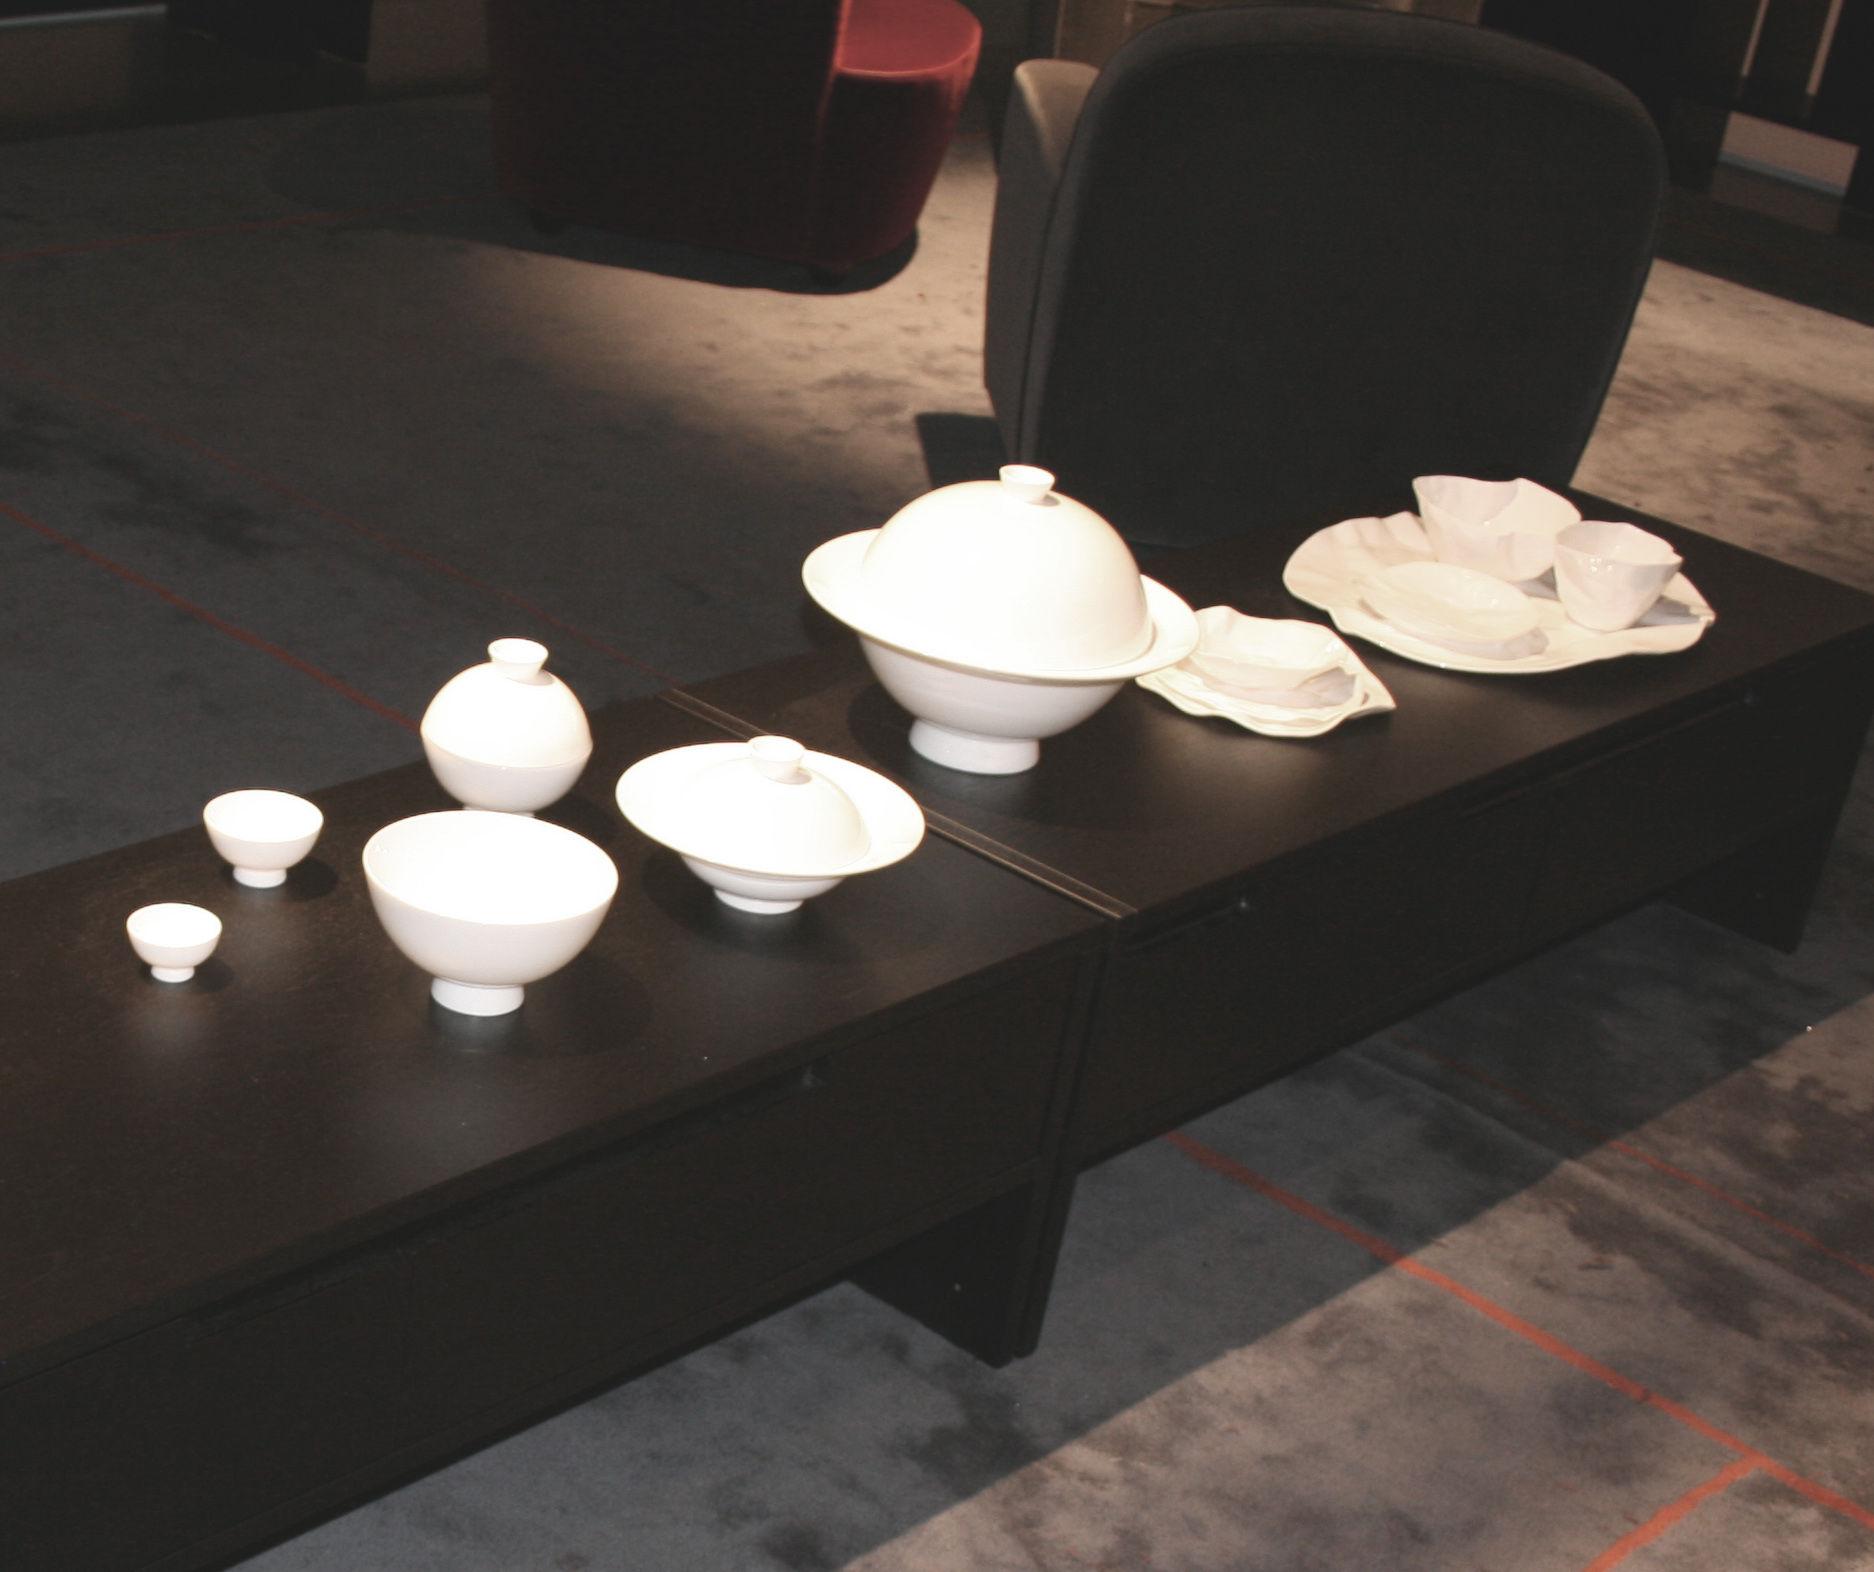 Designer Teller Set designer teller set pax plate cm olive teller small d aquagrn vpg